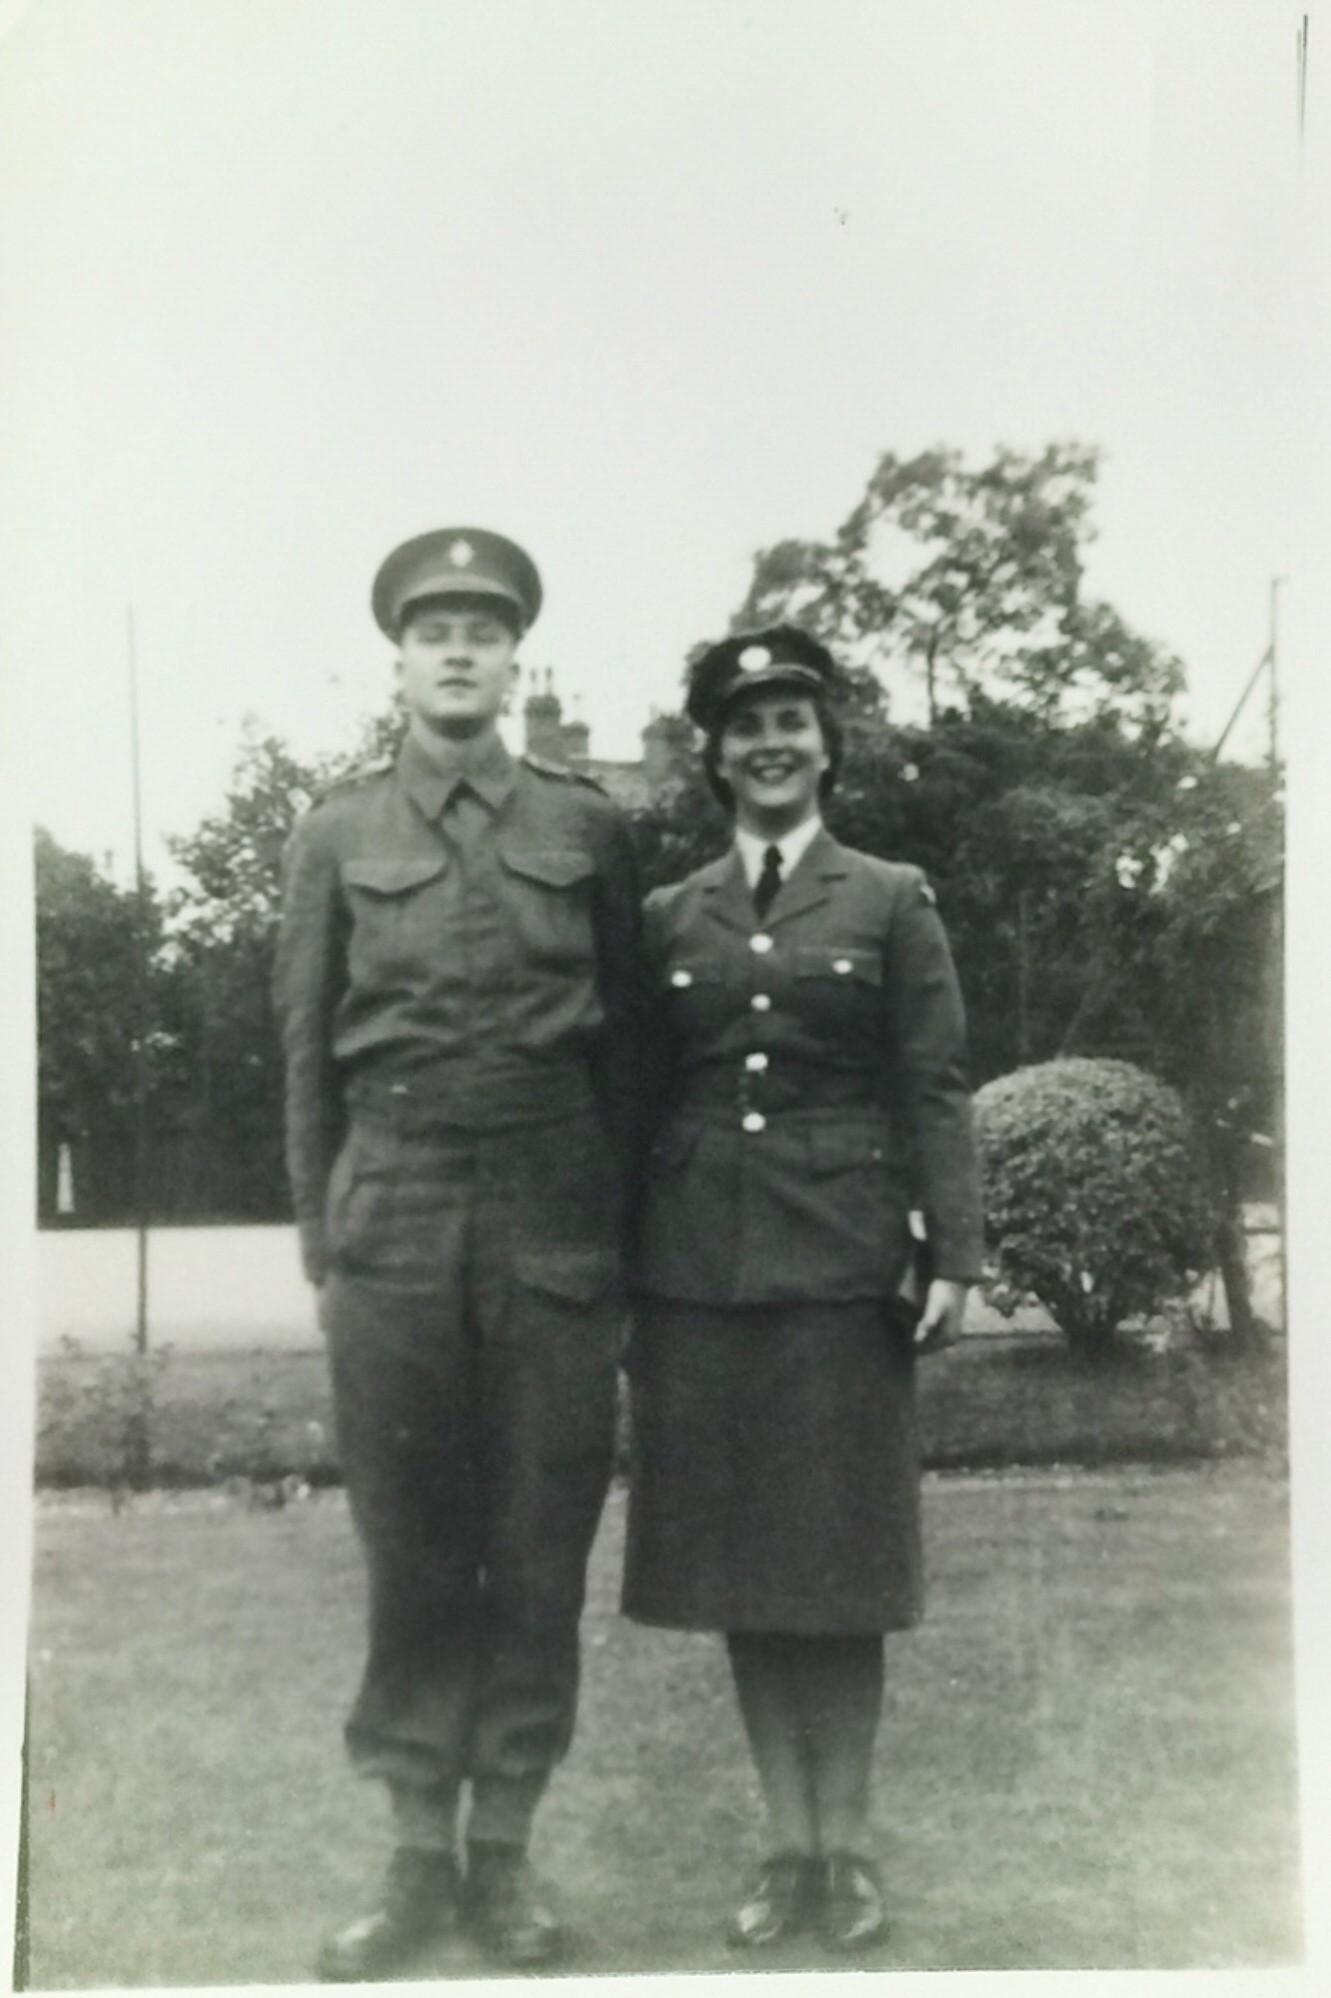 Ann and a colleague in their uniform